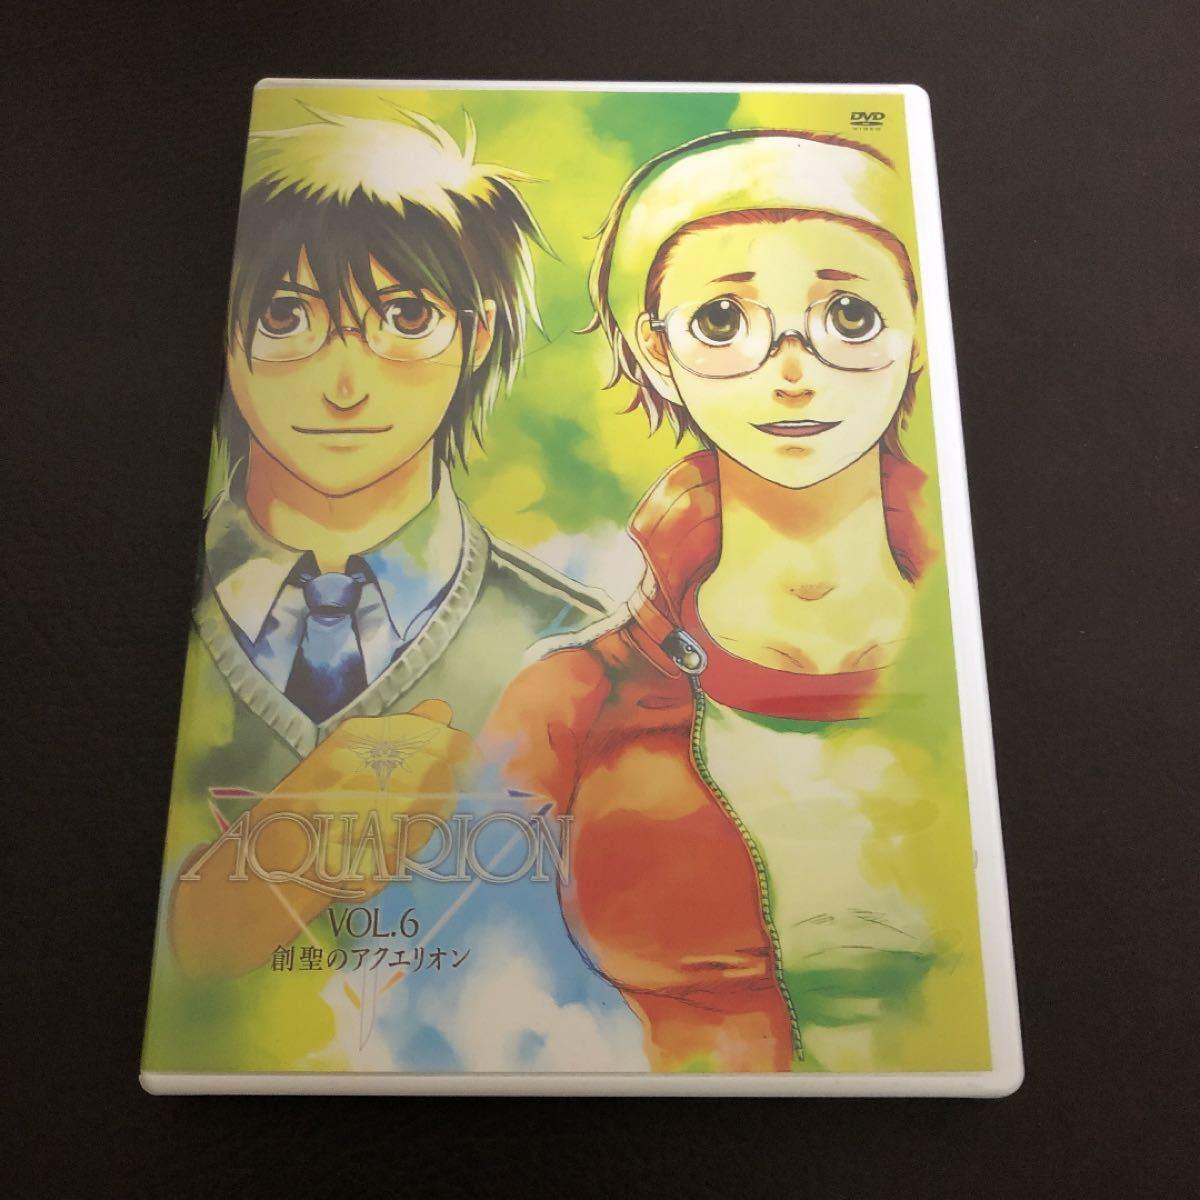 【中古品】創聖のアクエリオン Vol.6  DVD 送料込み